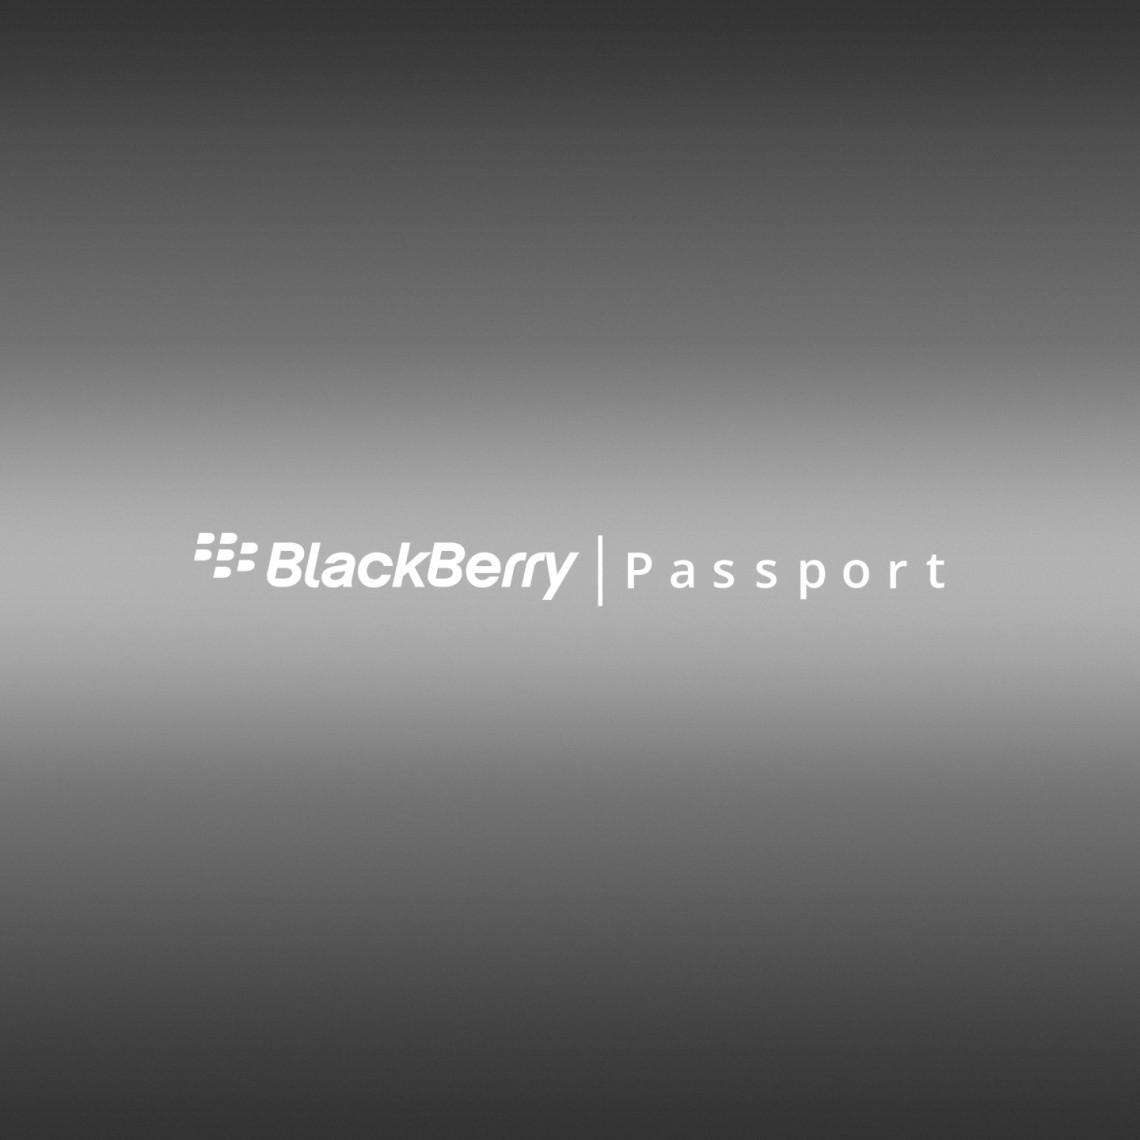 Passport-08